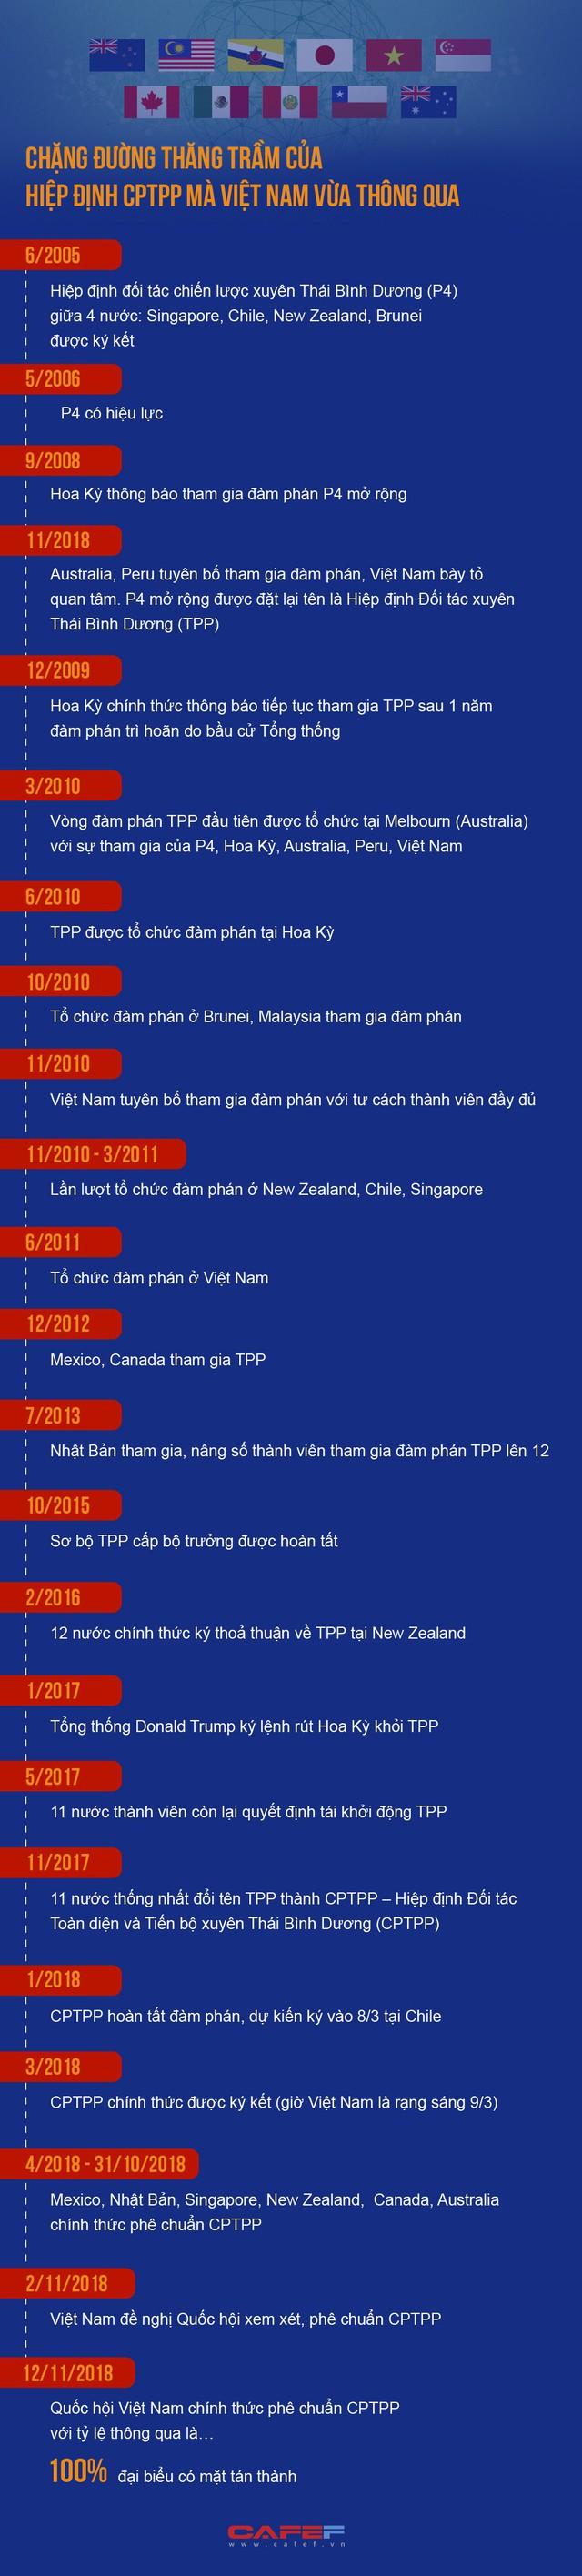 Chặng đường thăng trầm của Hiệp định CPTPP mà Việt Nam vừa thông qua - Ảnh 1.